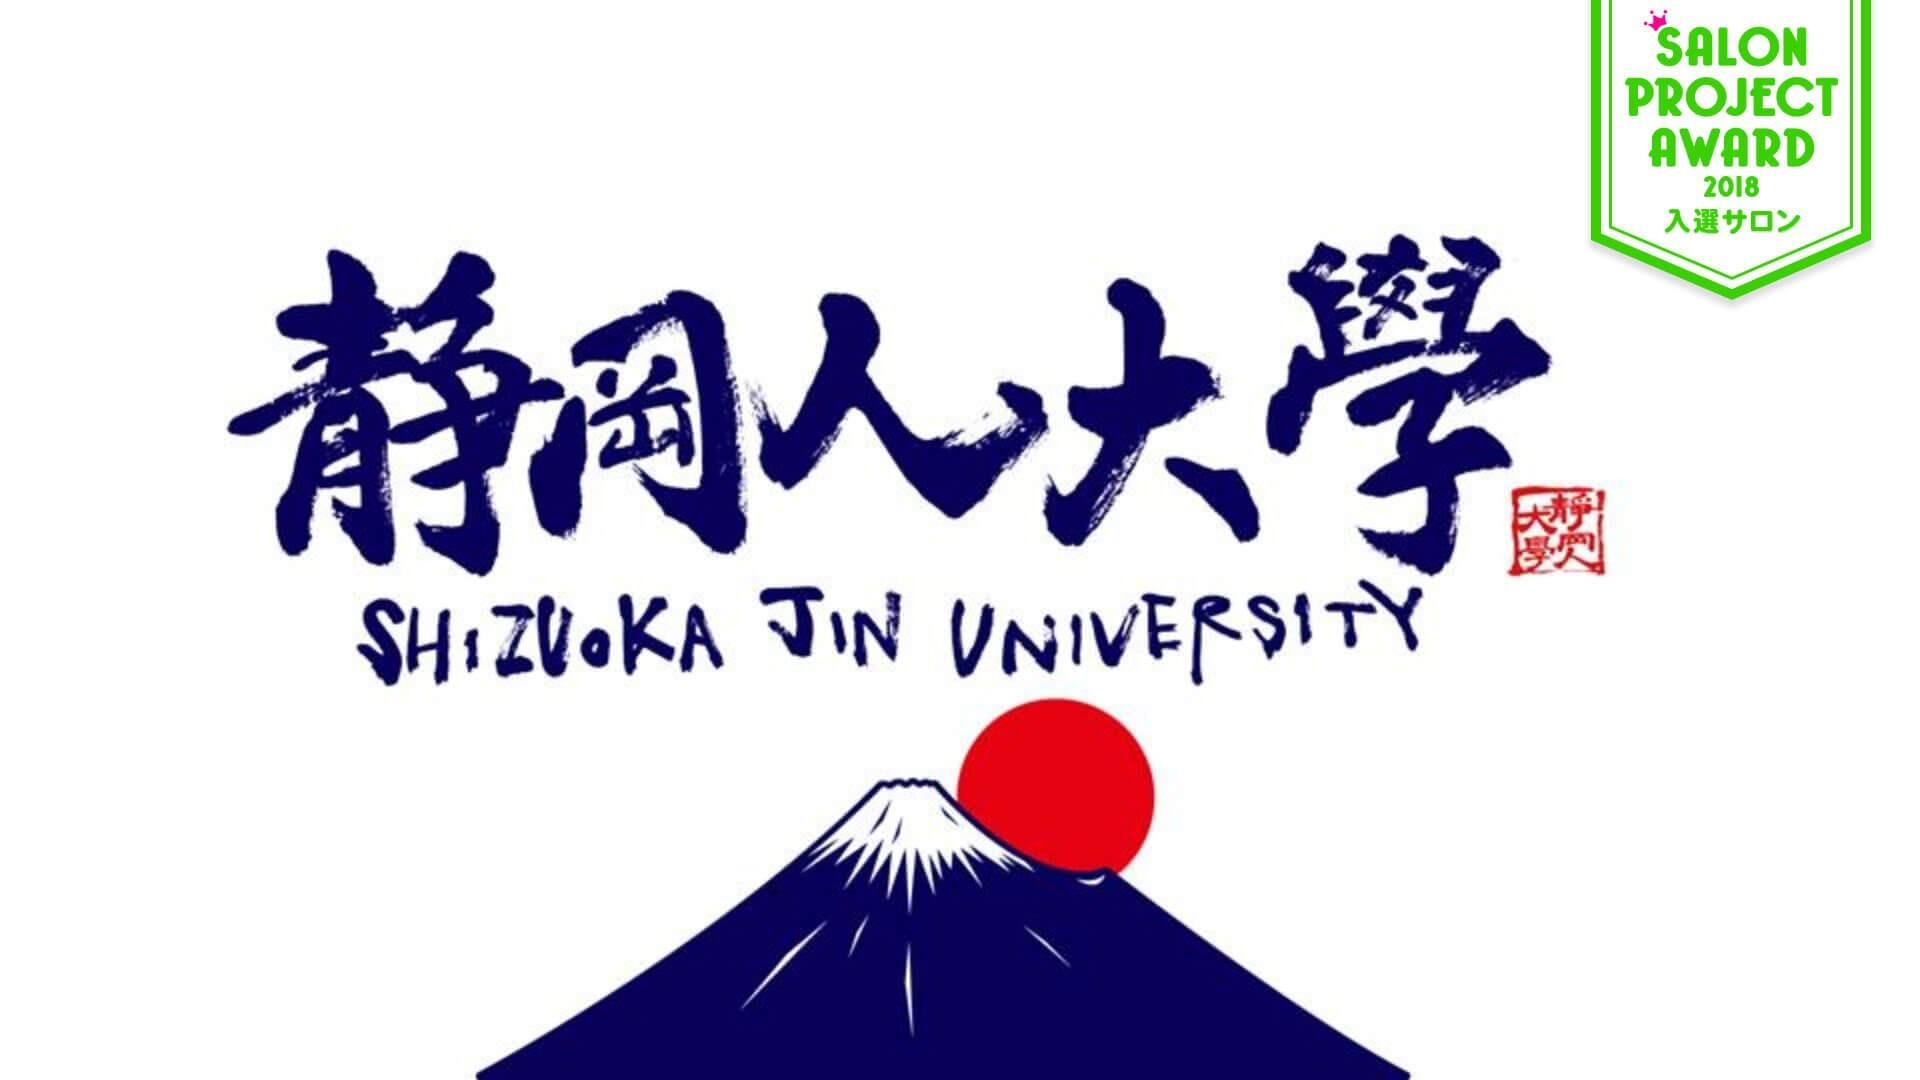 石川雅章 - 静岡人大学 - DMM オンラインサロン